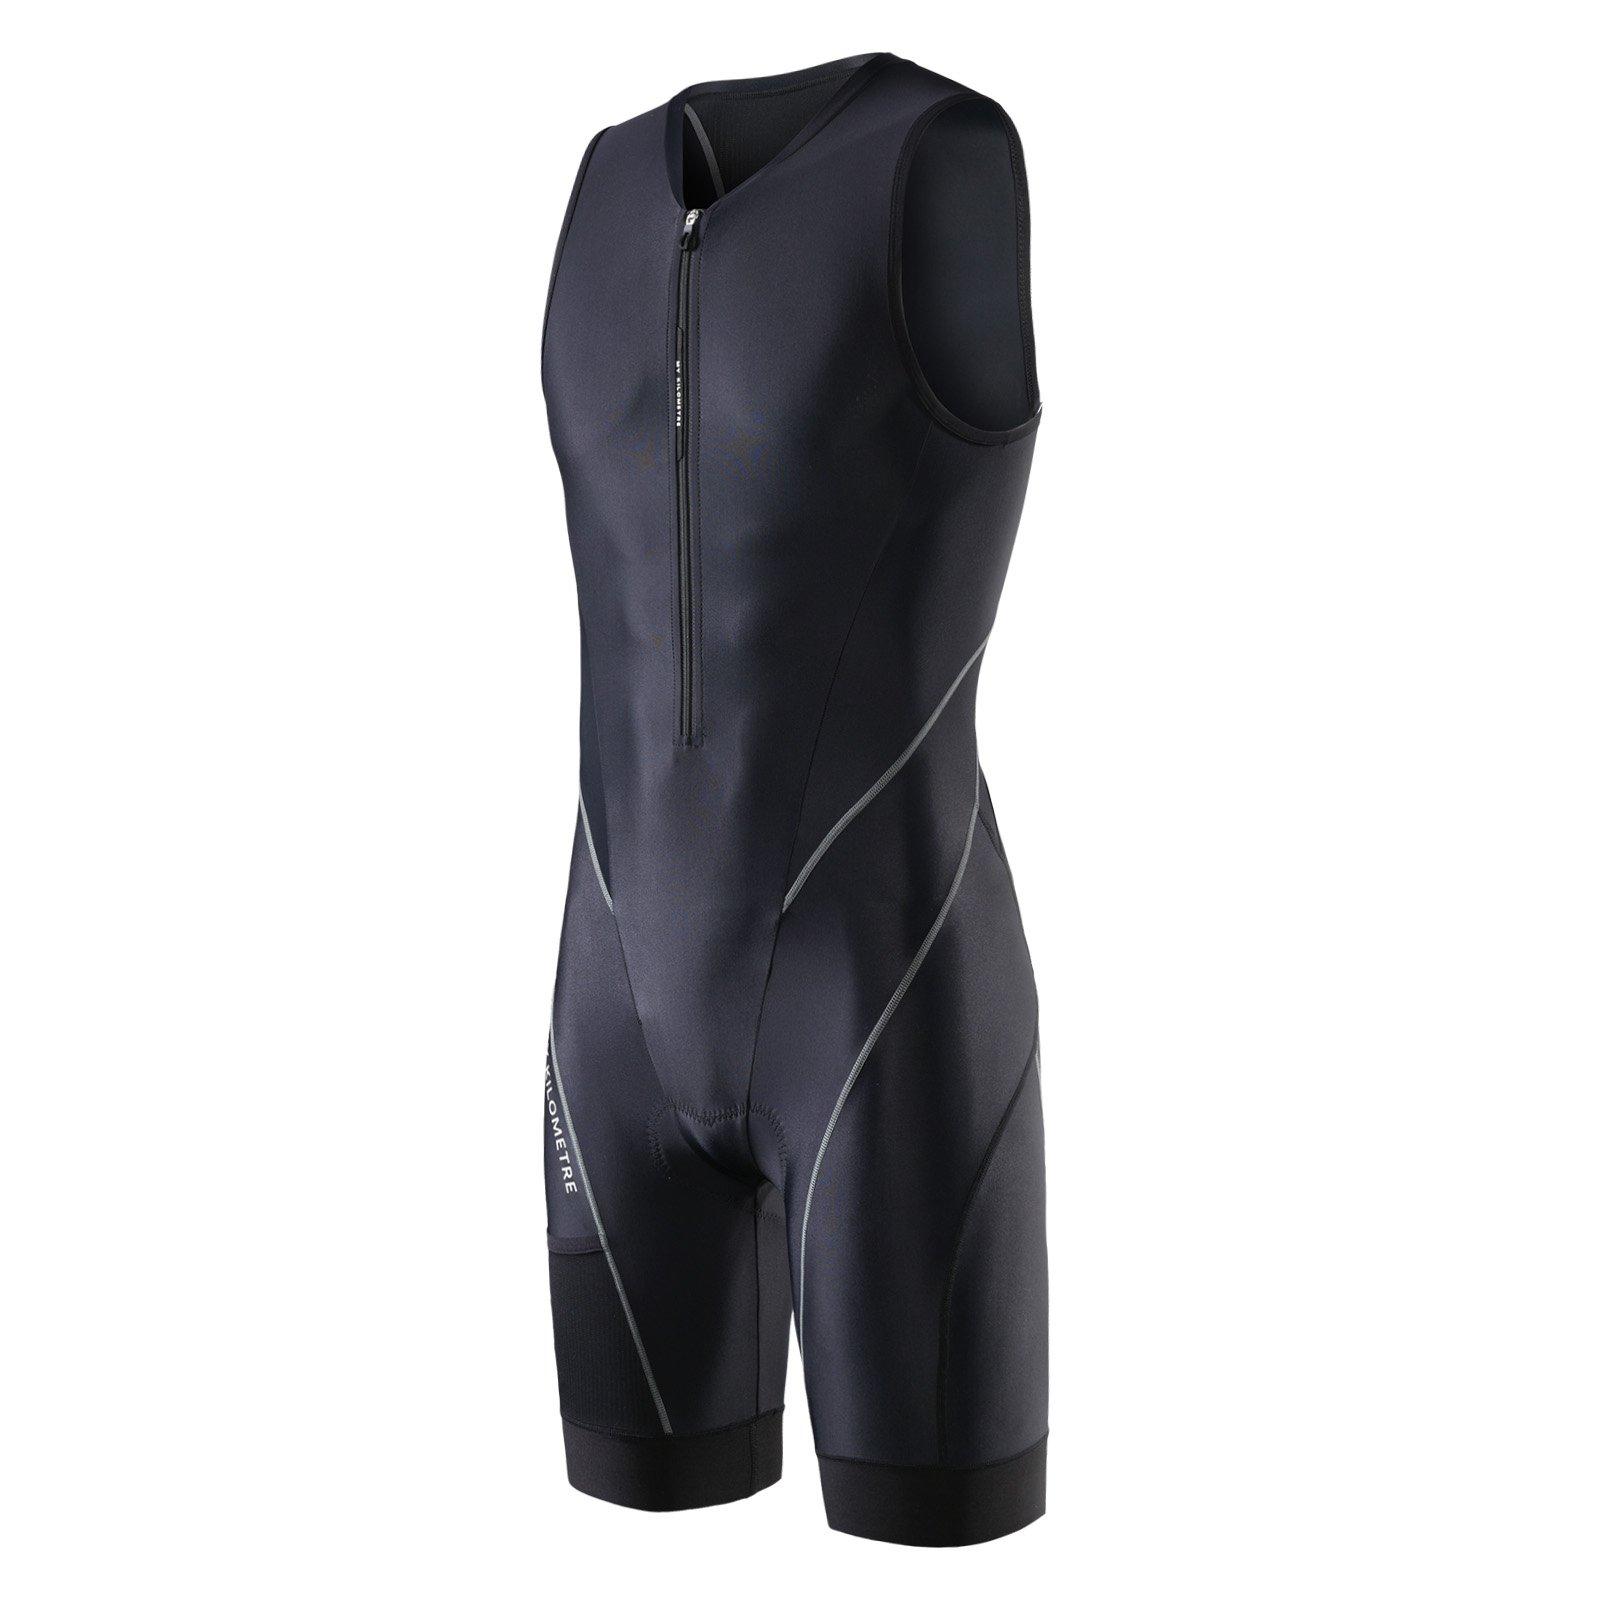 MY KILOMETRE Trisuit Chlorine Resistant Front Zip 3 Pockets(Black S) by MY KILOMETRE